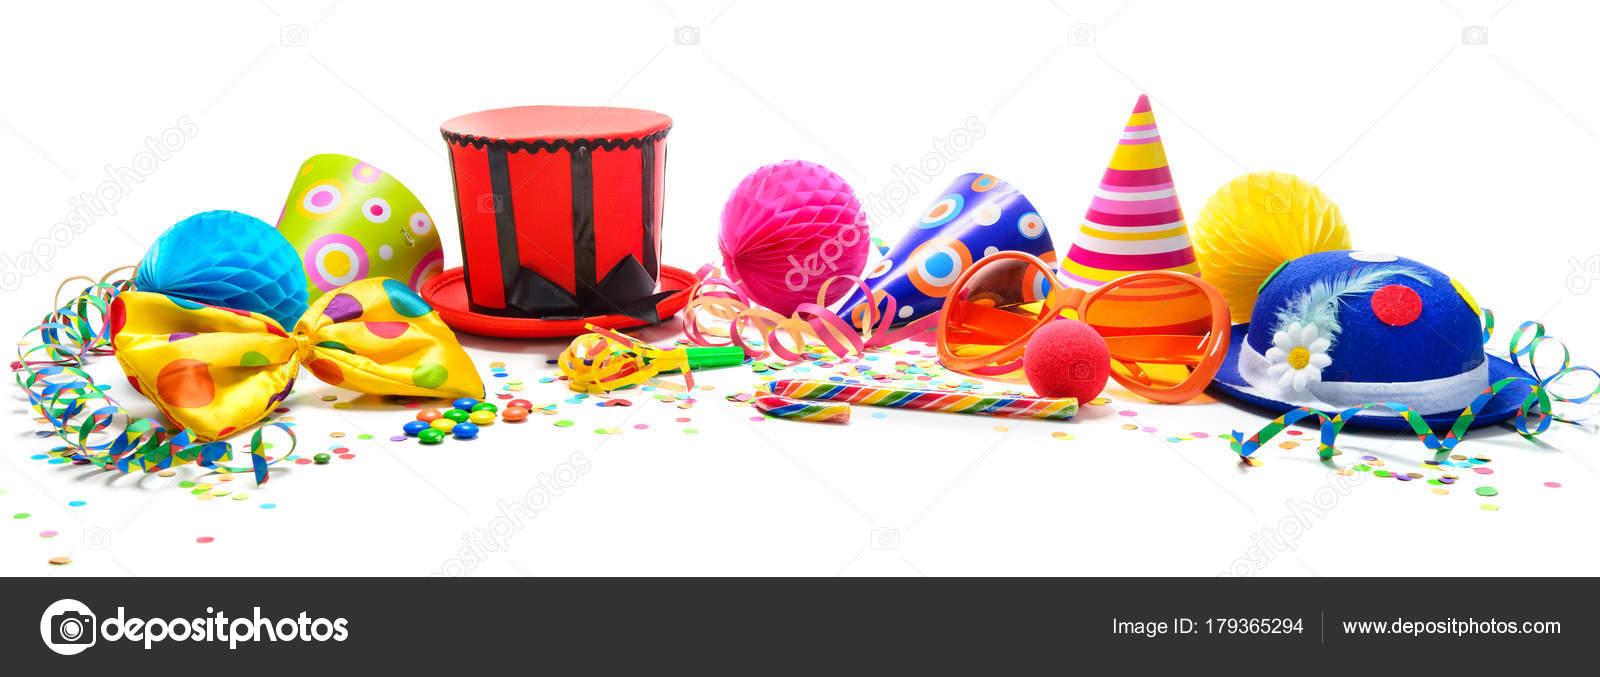 Colores de fondo de cumplea os o carnaval con fiesta - Articulos carnaval ...